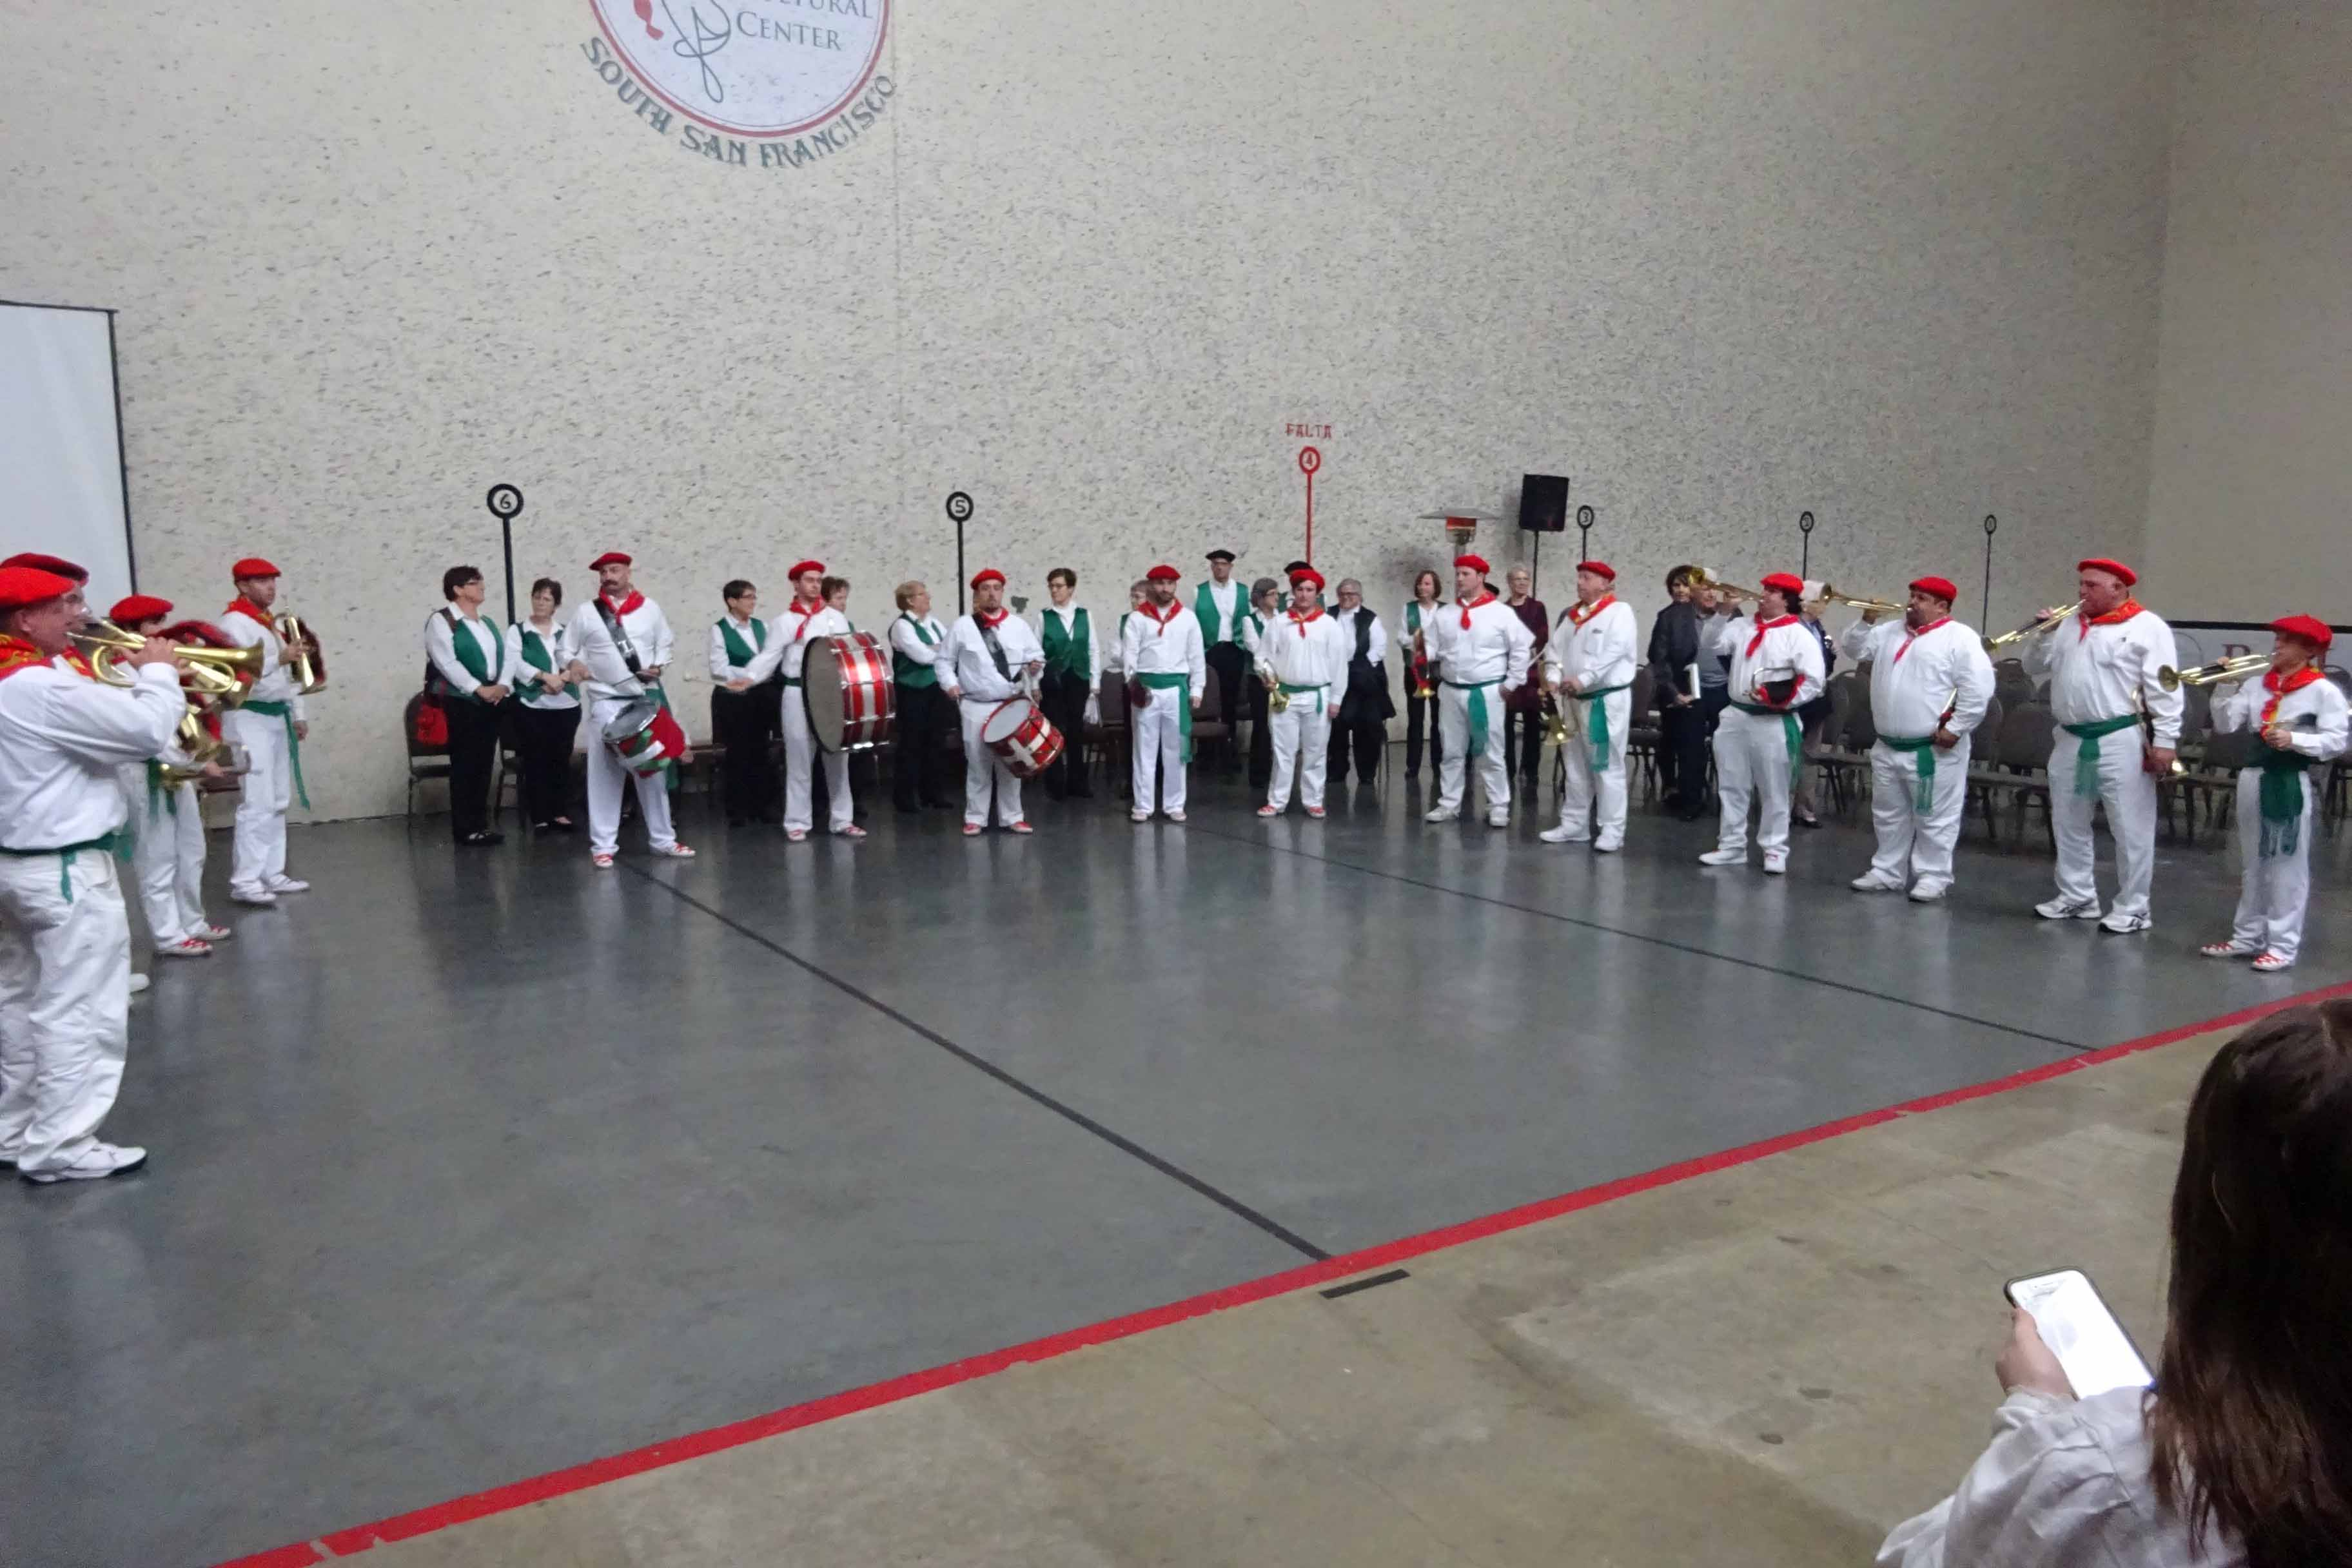 San Frantziskoko Klika ere partaide izango da otsailaren 15-16an Basque Cultural Center-en egingo diren ekitaldietan